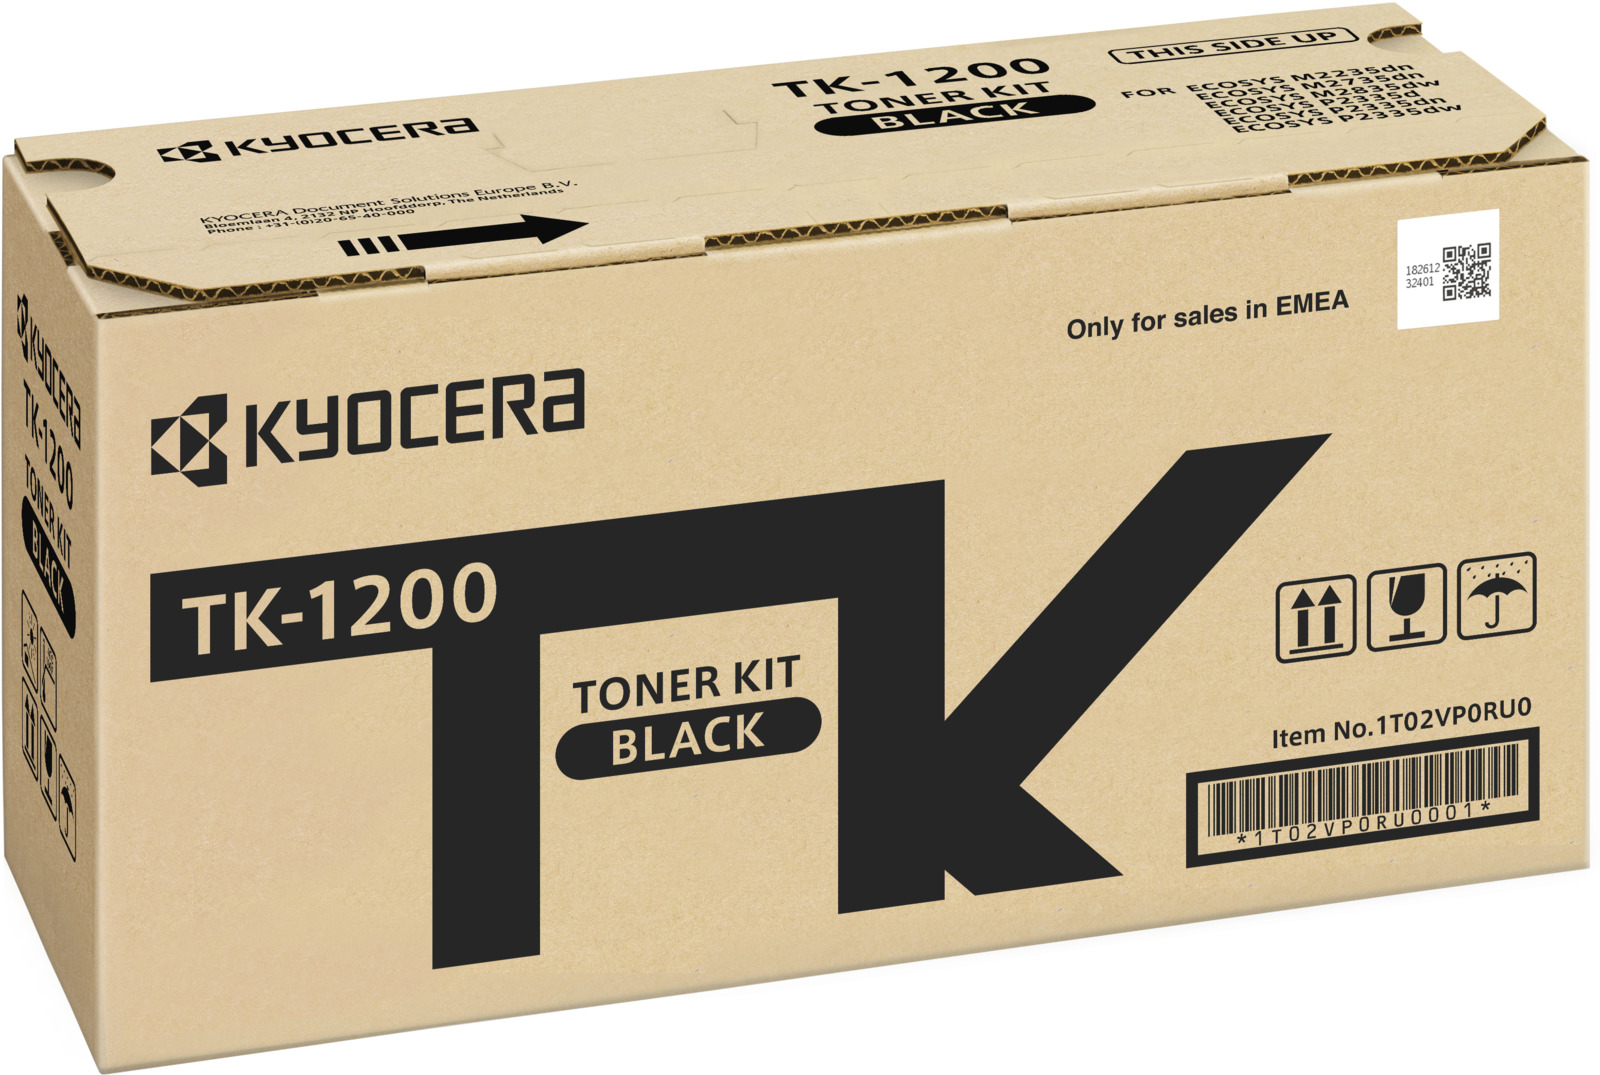 Картридж Kyocera TK-1200 для Kyocera P2335d/P2335dn/P2335dw/M2235dn/M2735dn/M2835dw черный 3000стр картридж kyocera tk 1200 для kyocera p2335d p2335dn p2335dw m2235dn m2735dn m2835dw черный 3000стр